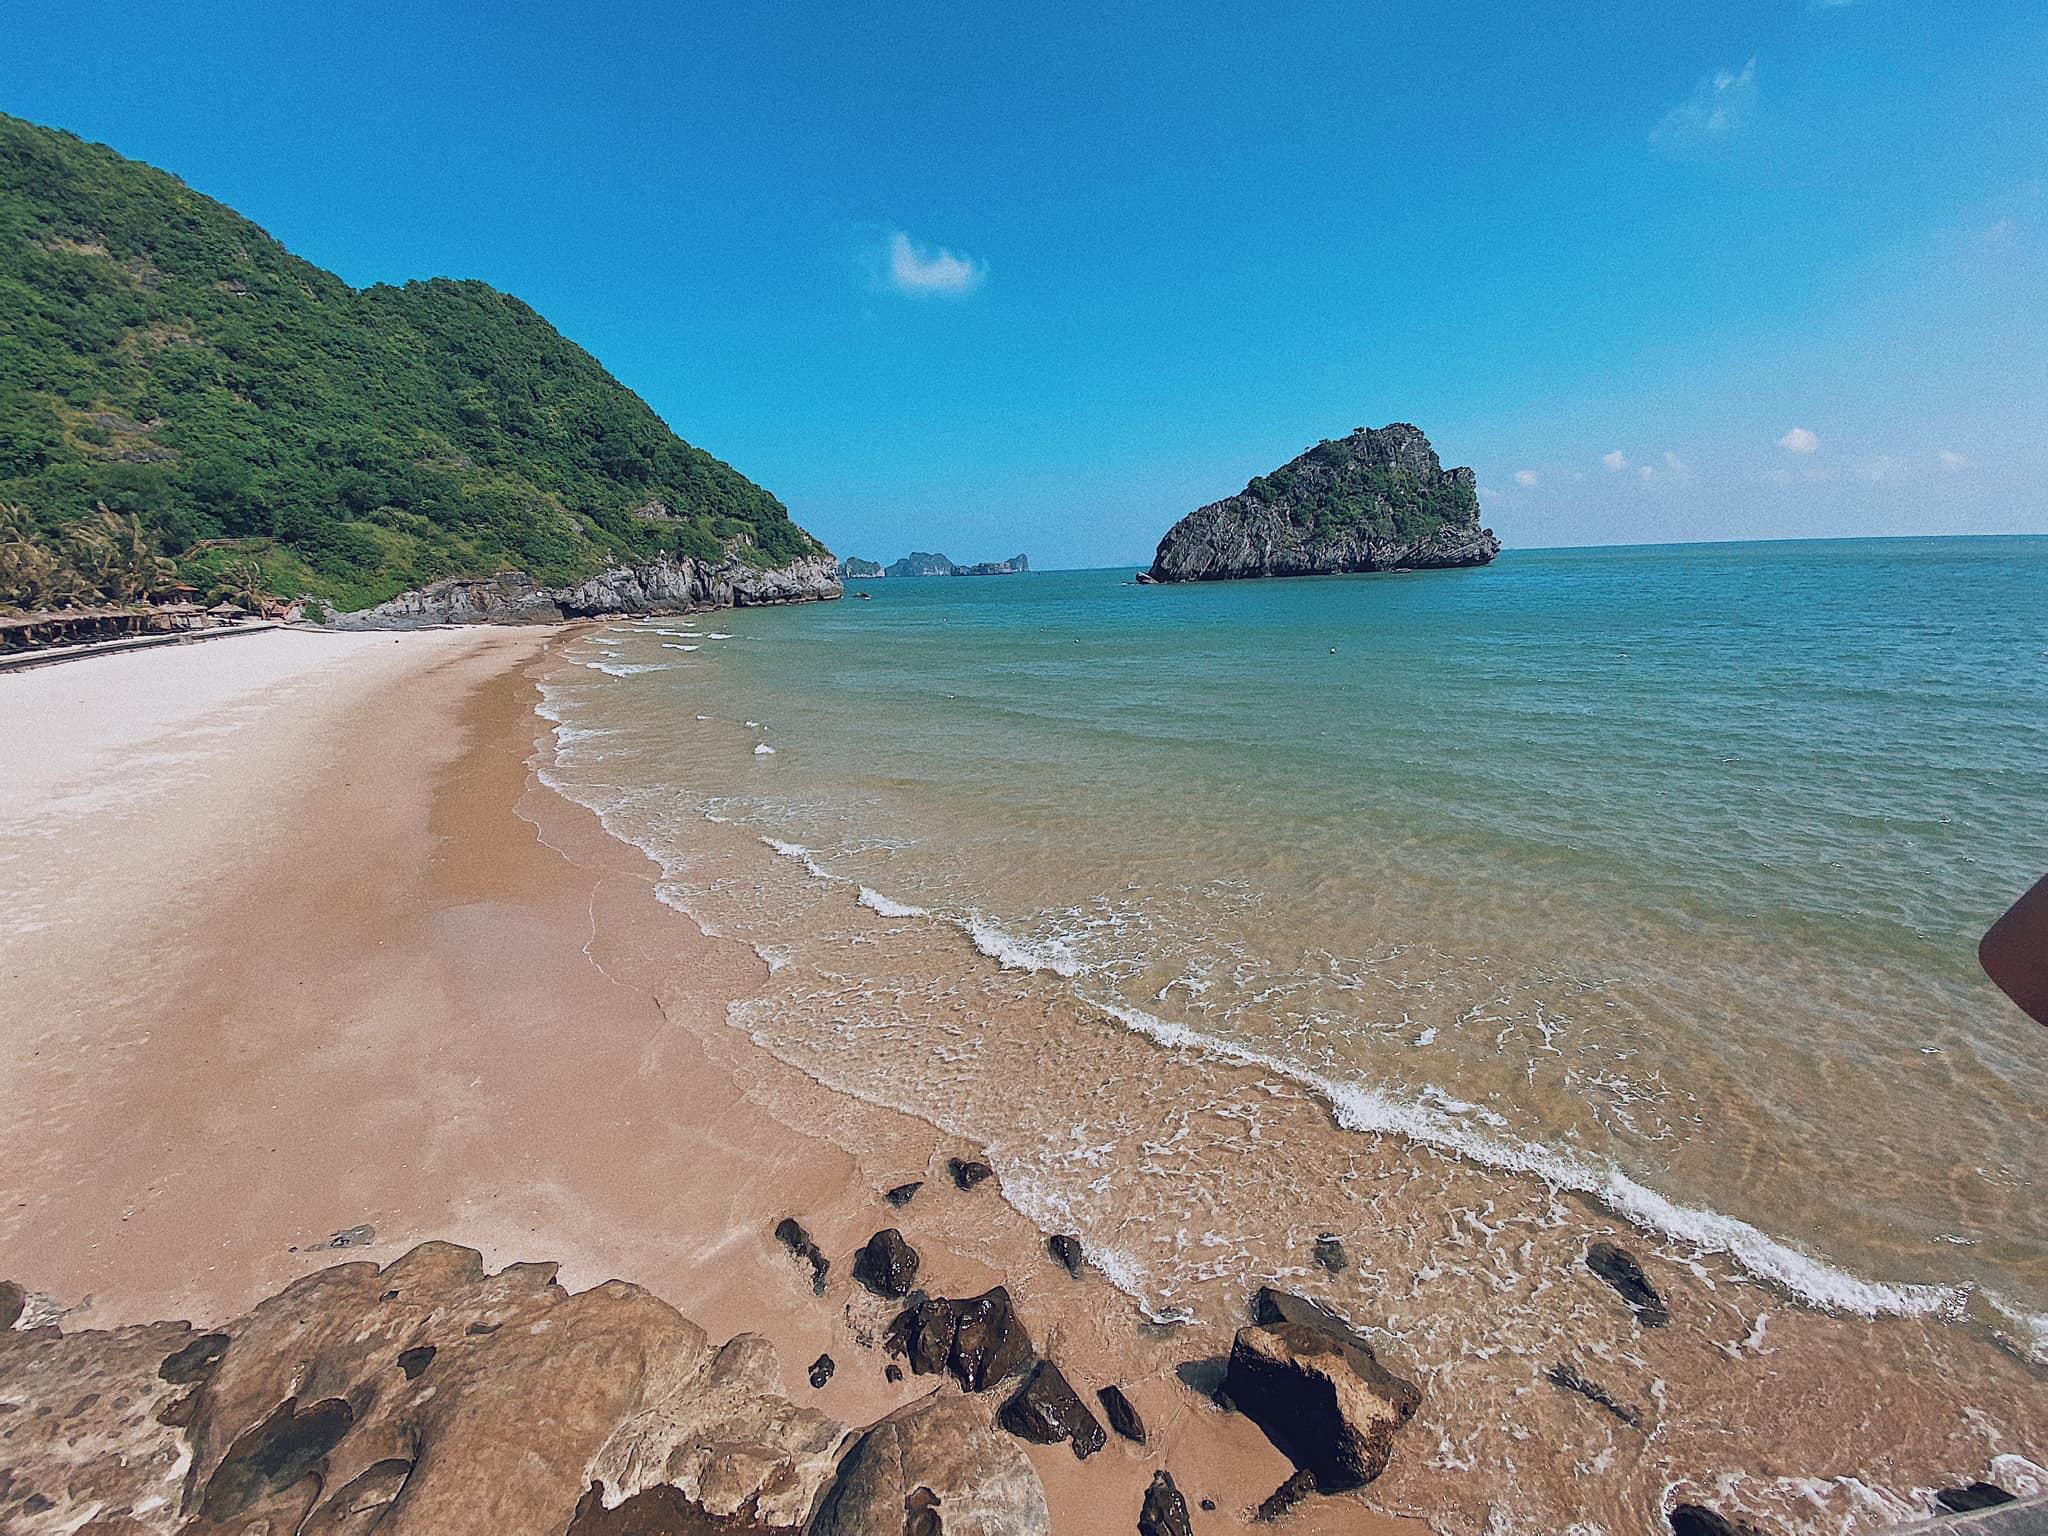 bãi cát trắng mịn ở tour du thuyền Hạ Long